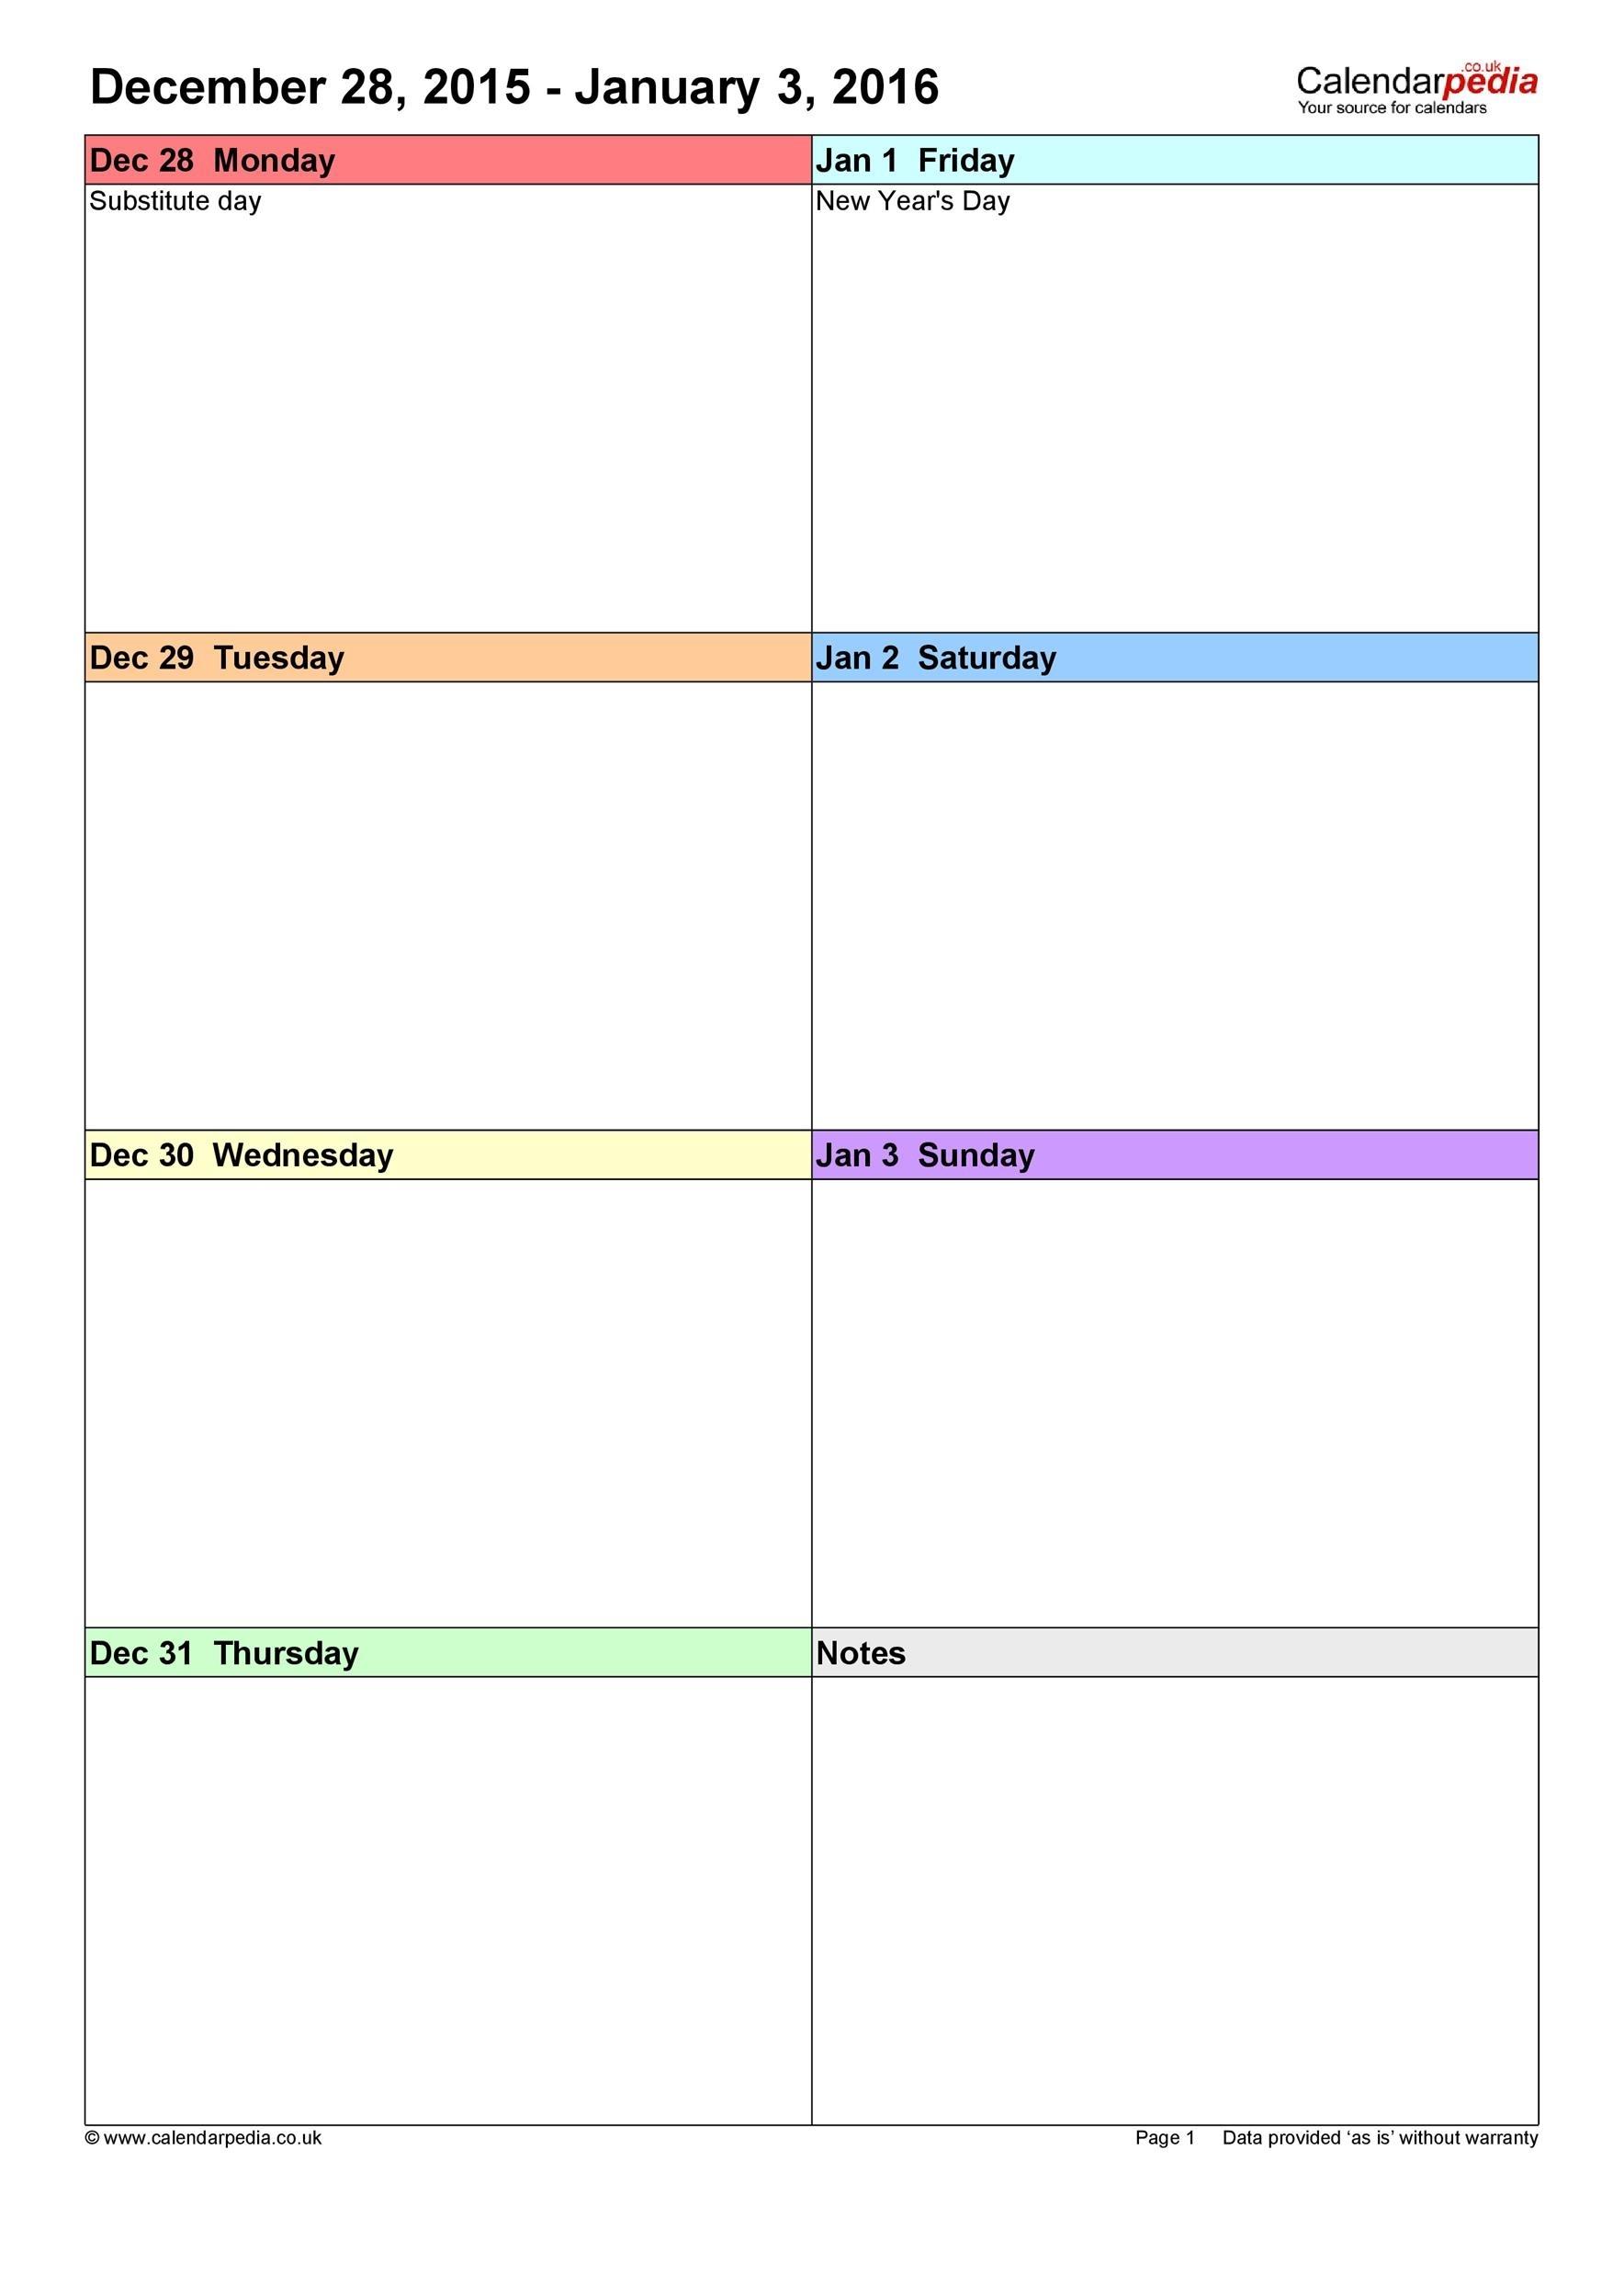 26 Blank Weekly Calendar Templates [Pdf, Excel, Word] ᐅ Calendar Template Week View